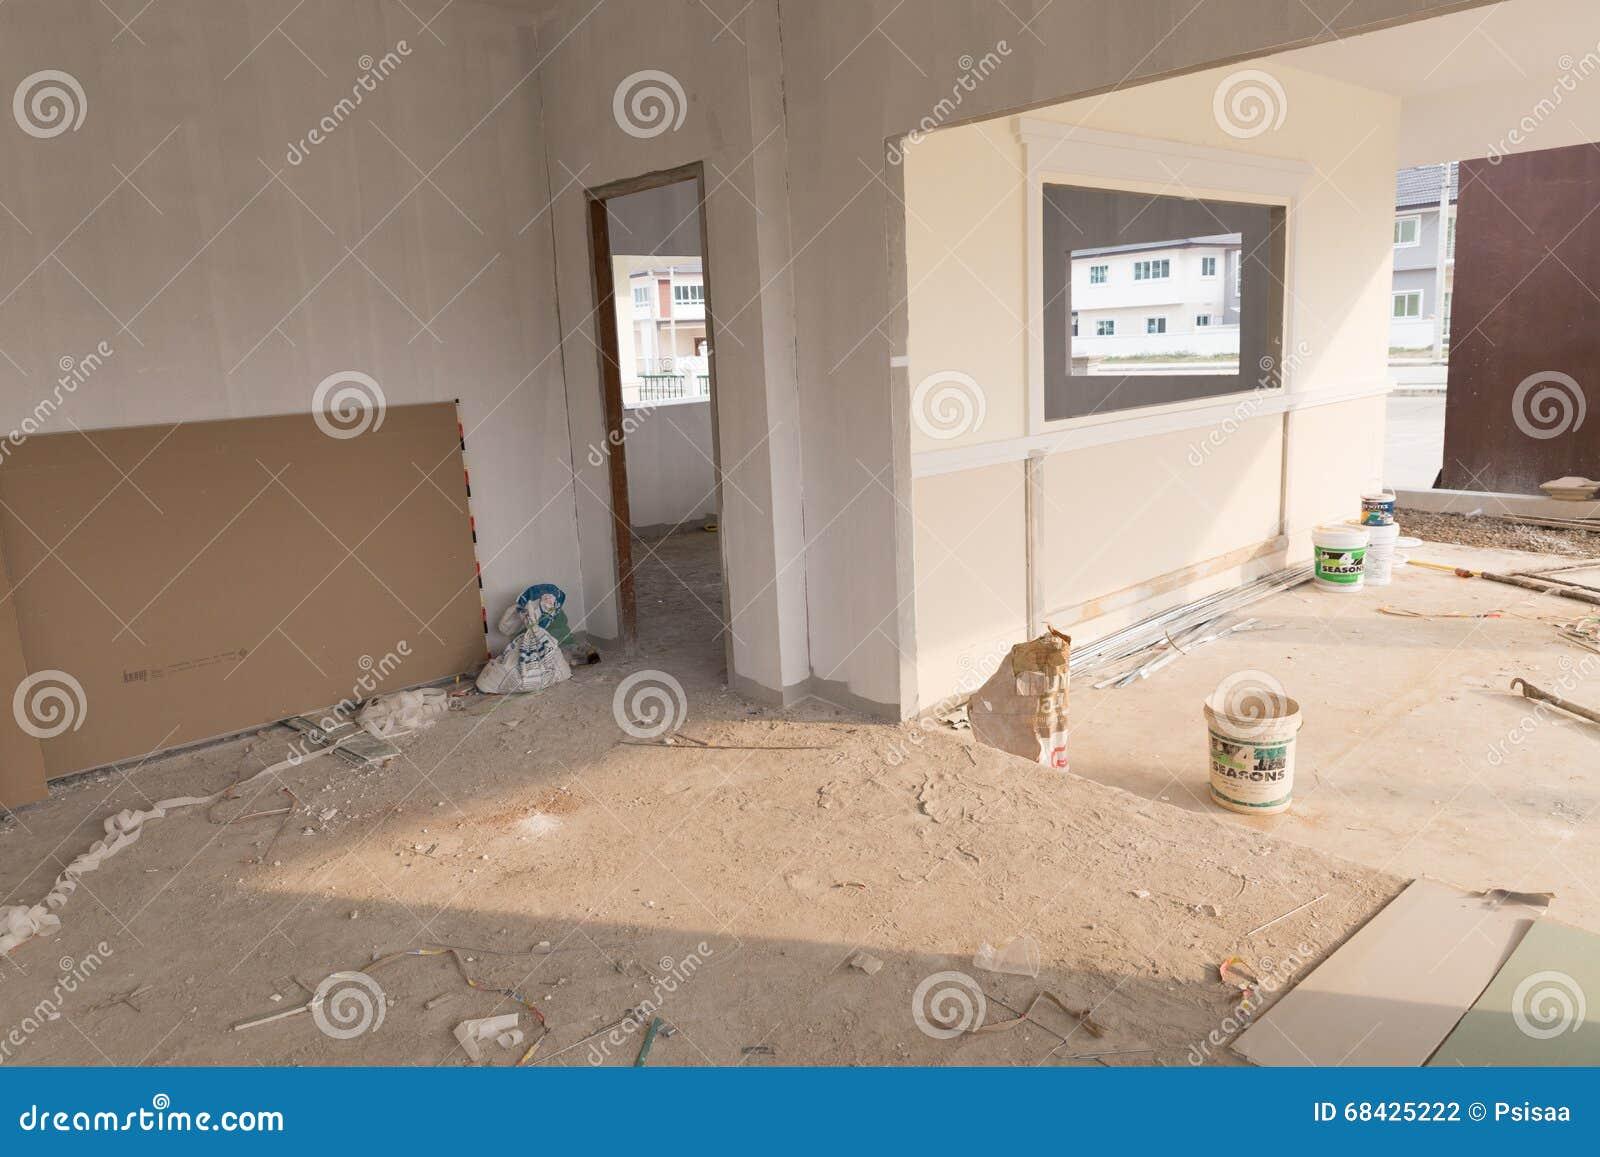 Pi ce dans la maison pendant la construction photographie for Assurance pendant construction maison